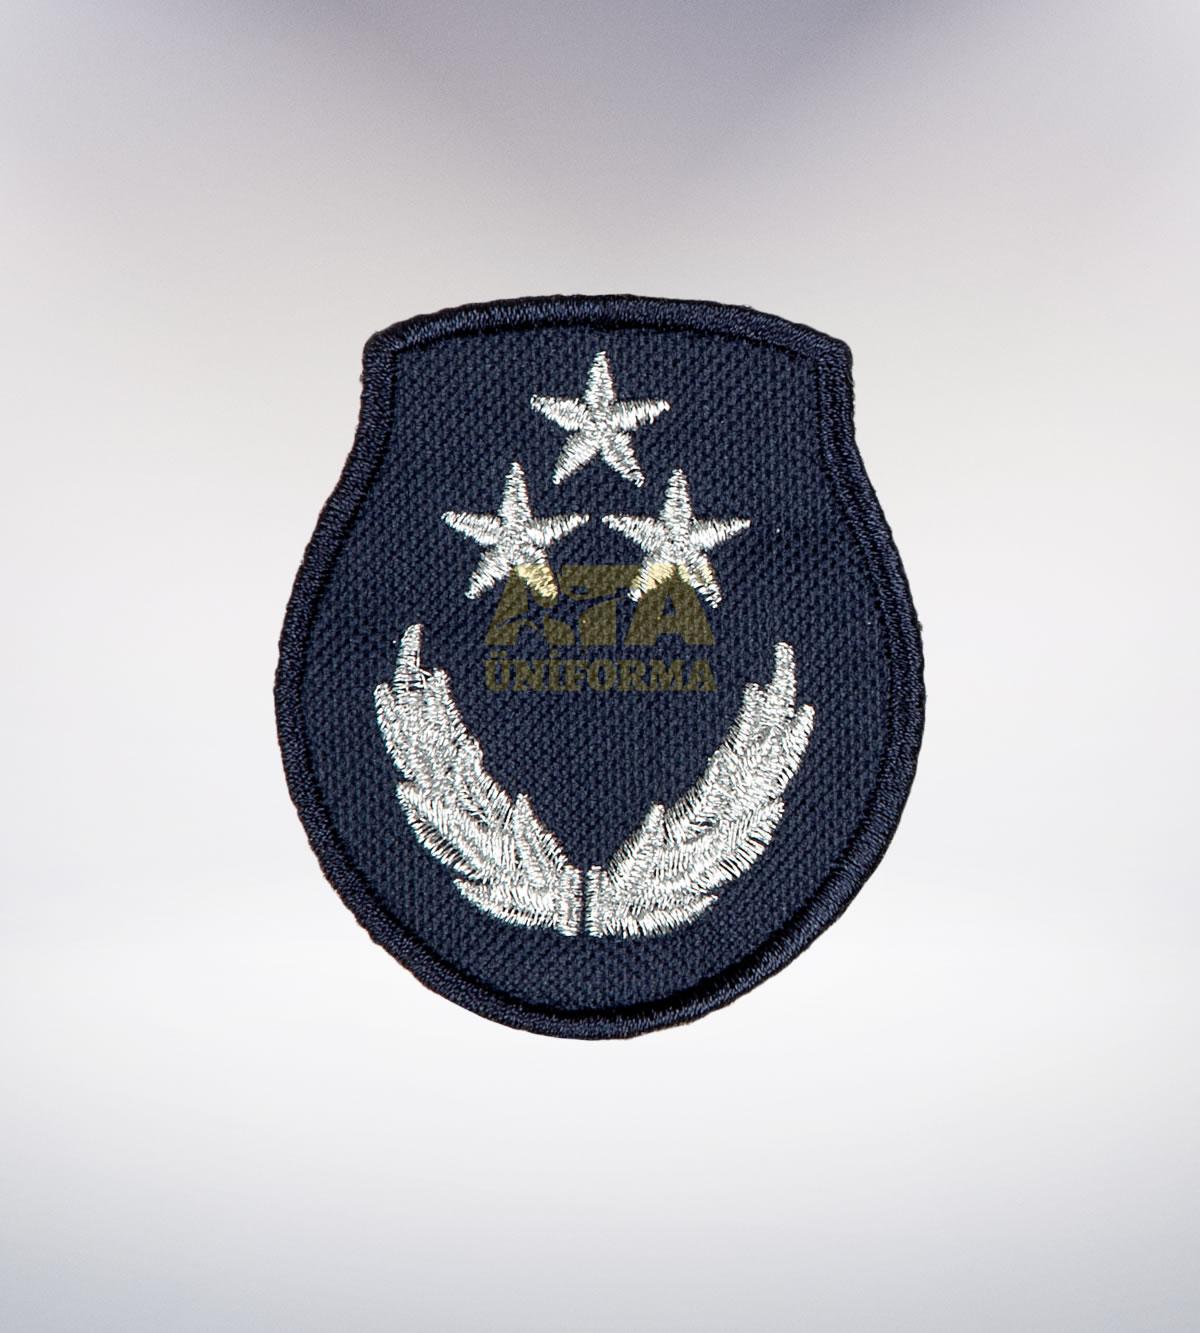 ATA-1043 Zabıta nakışlı arma - zabıta elbiseleri | zabıta üniformaları | zabıta kıyafetleri